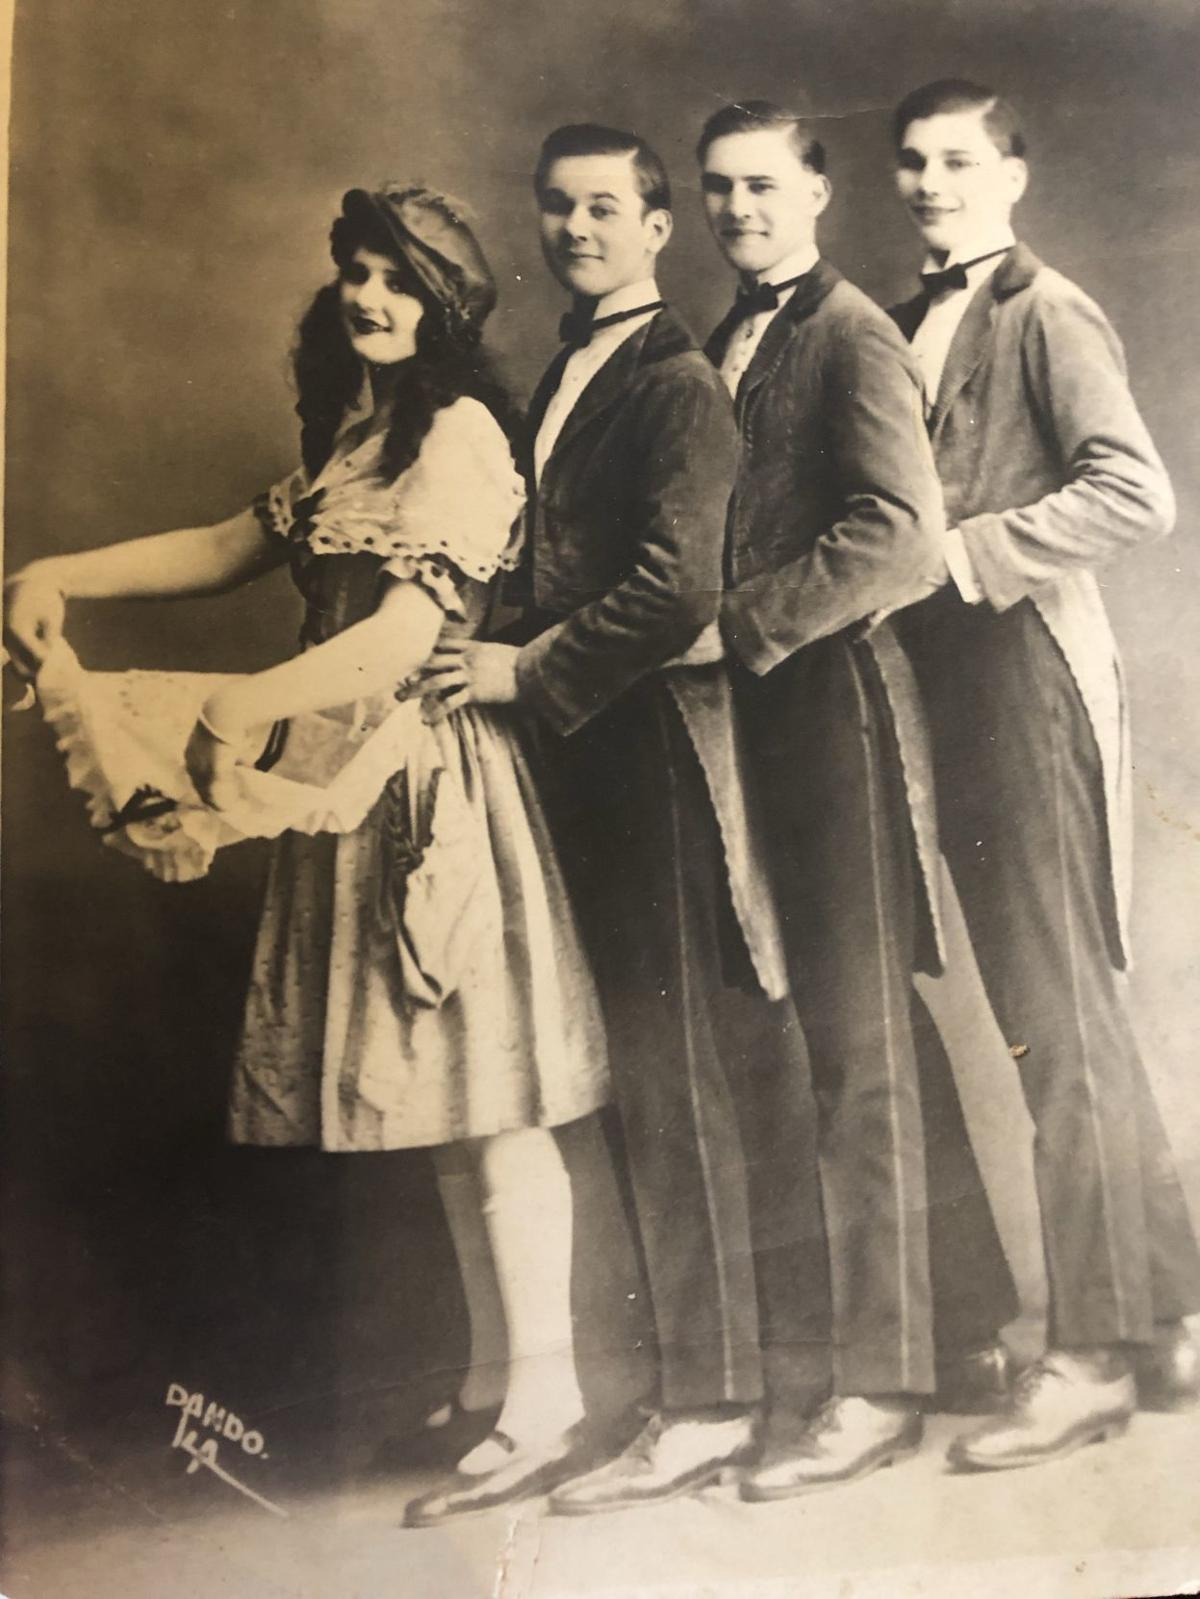 McClellan: Exploring family history